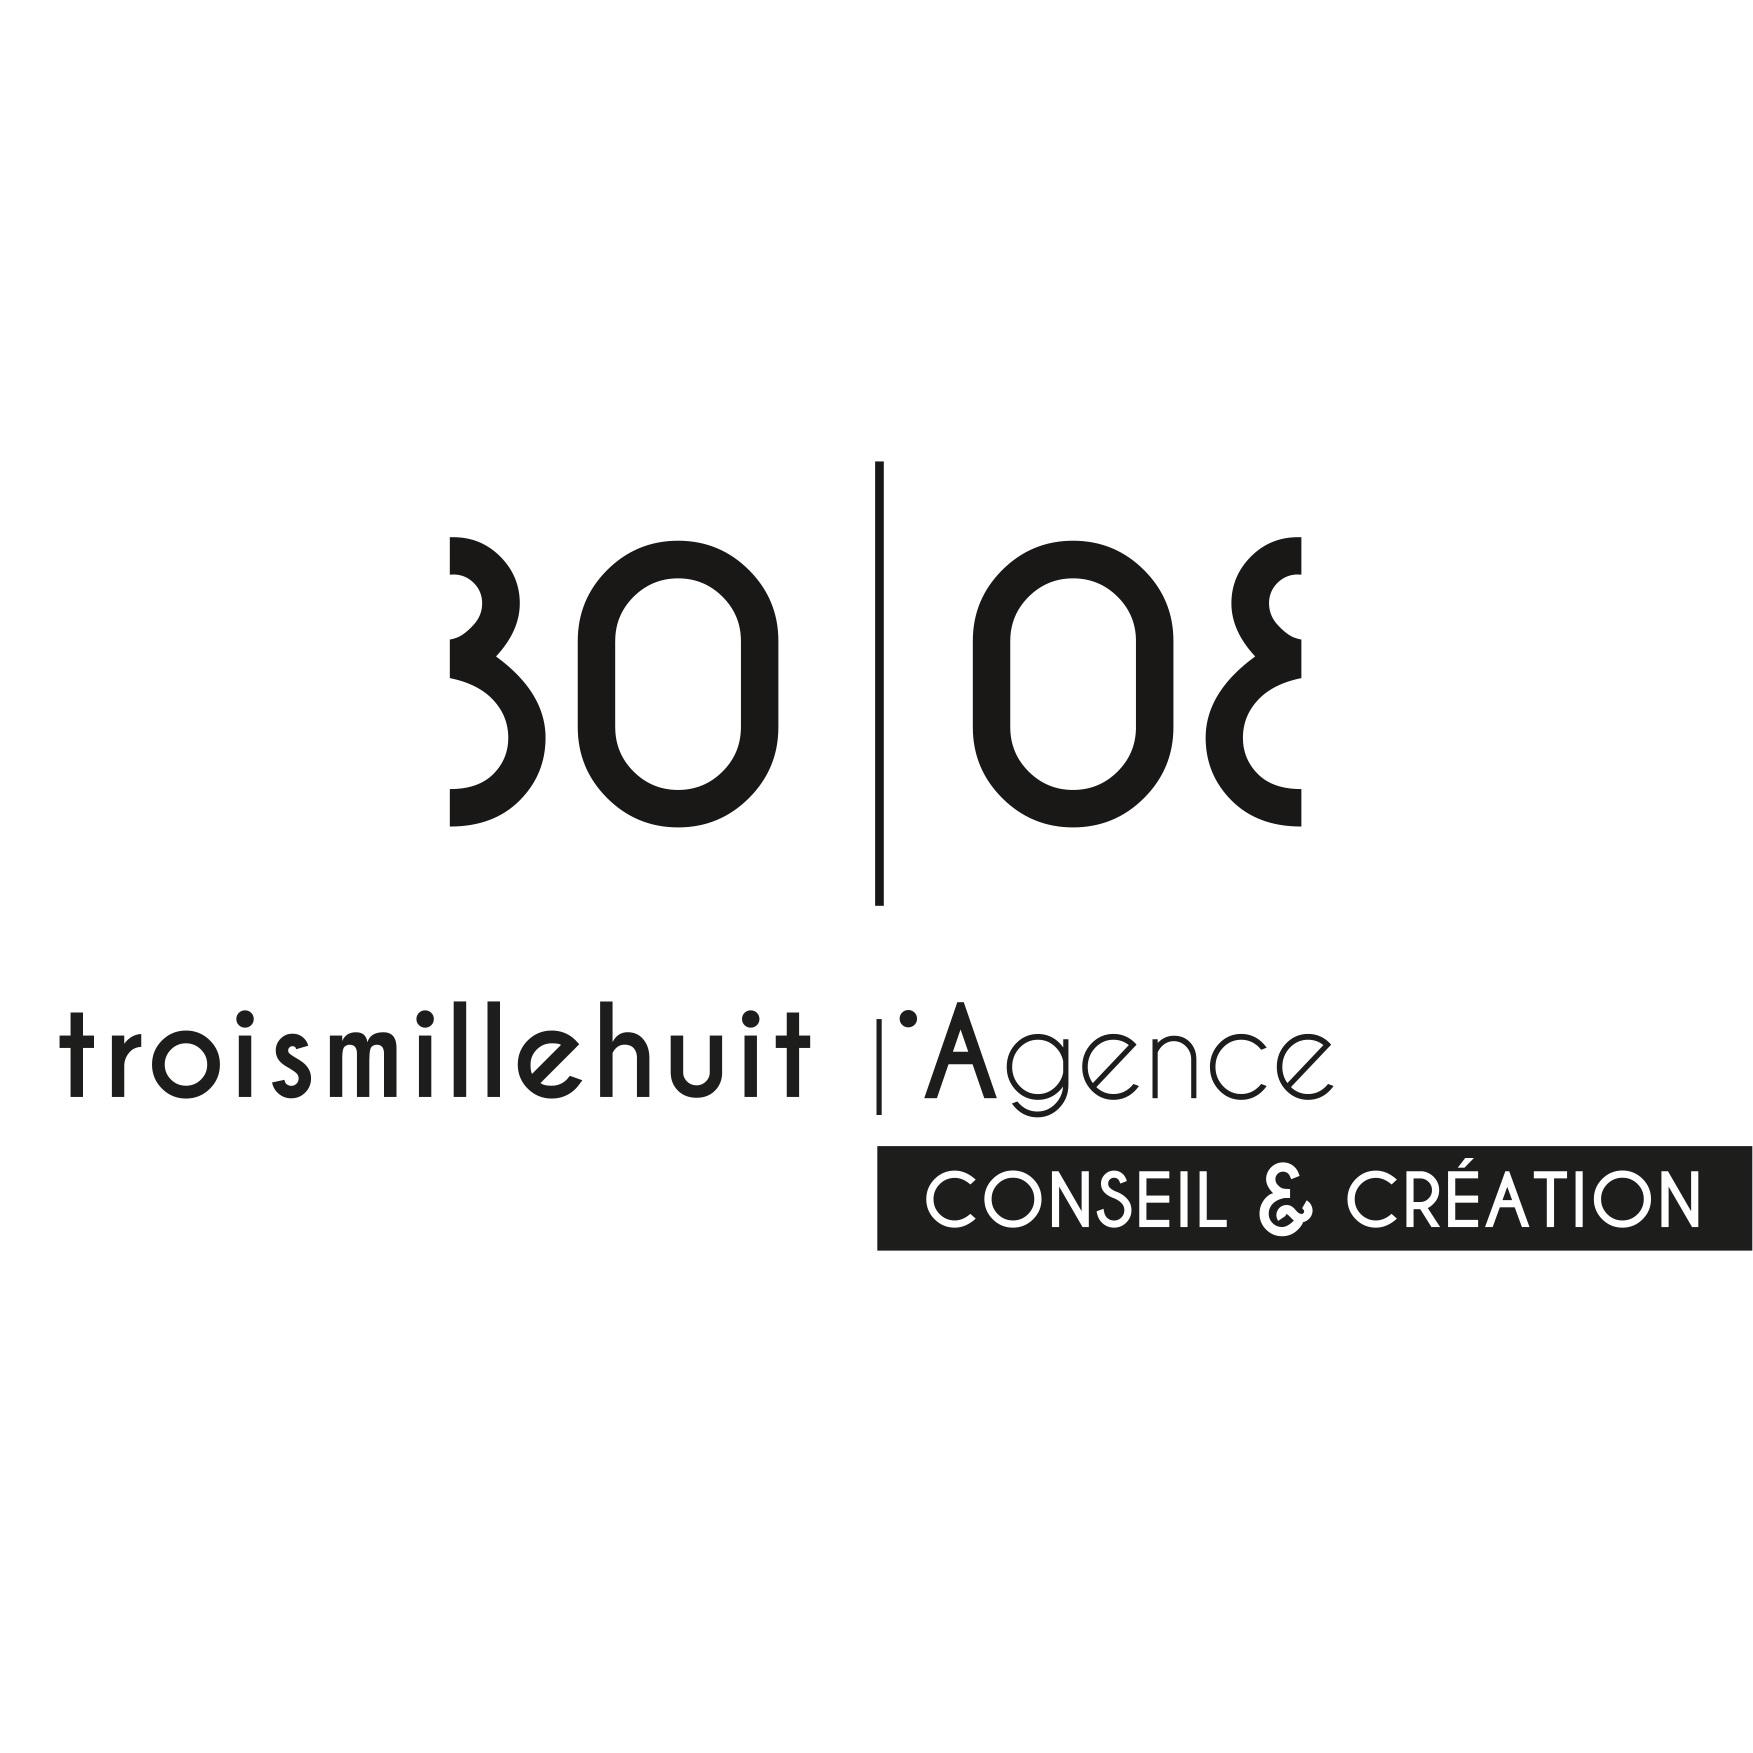 3008 l'agence logo